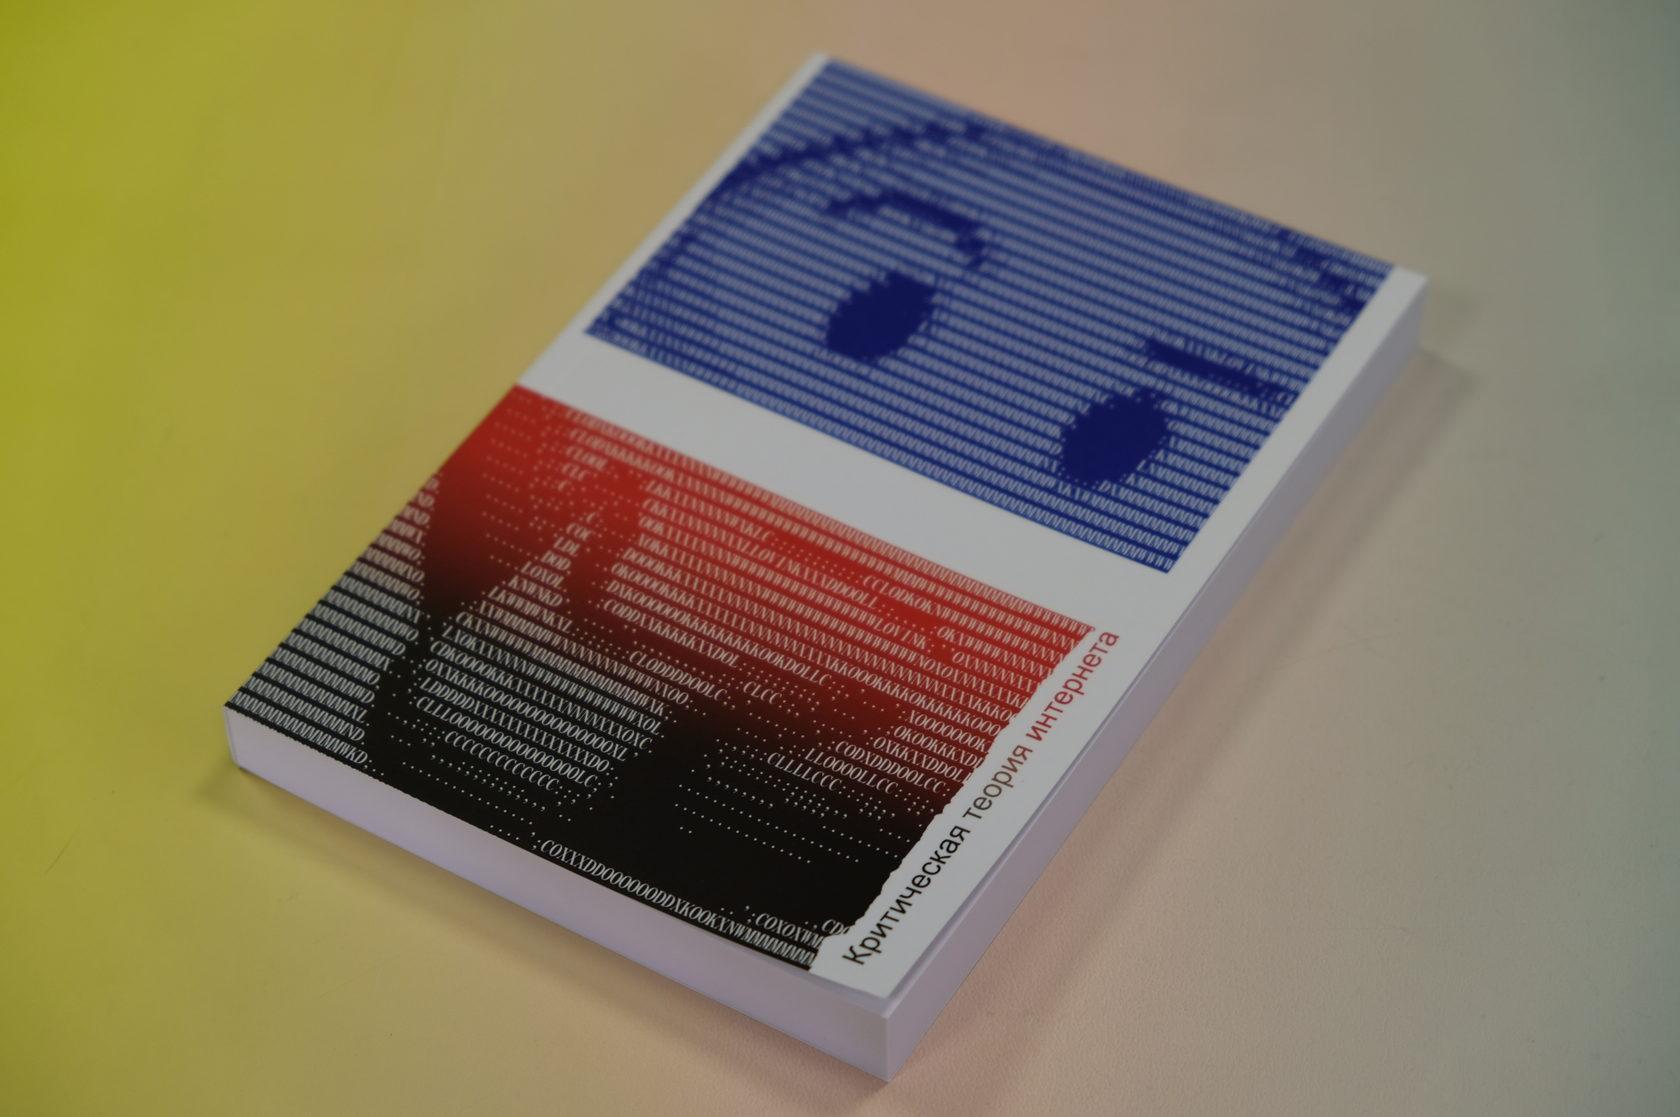 Купить книгу Герт Ловинк «Критическая теория интернета» 978-5-91103-498-6